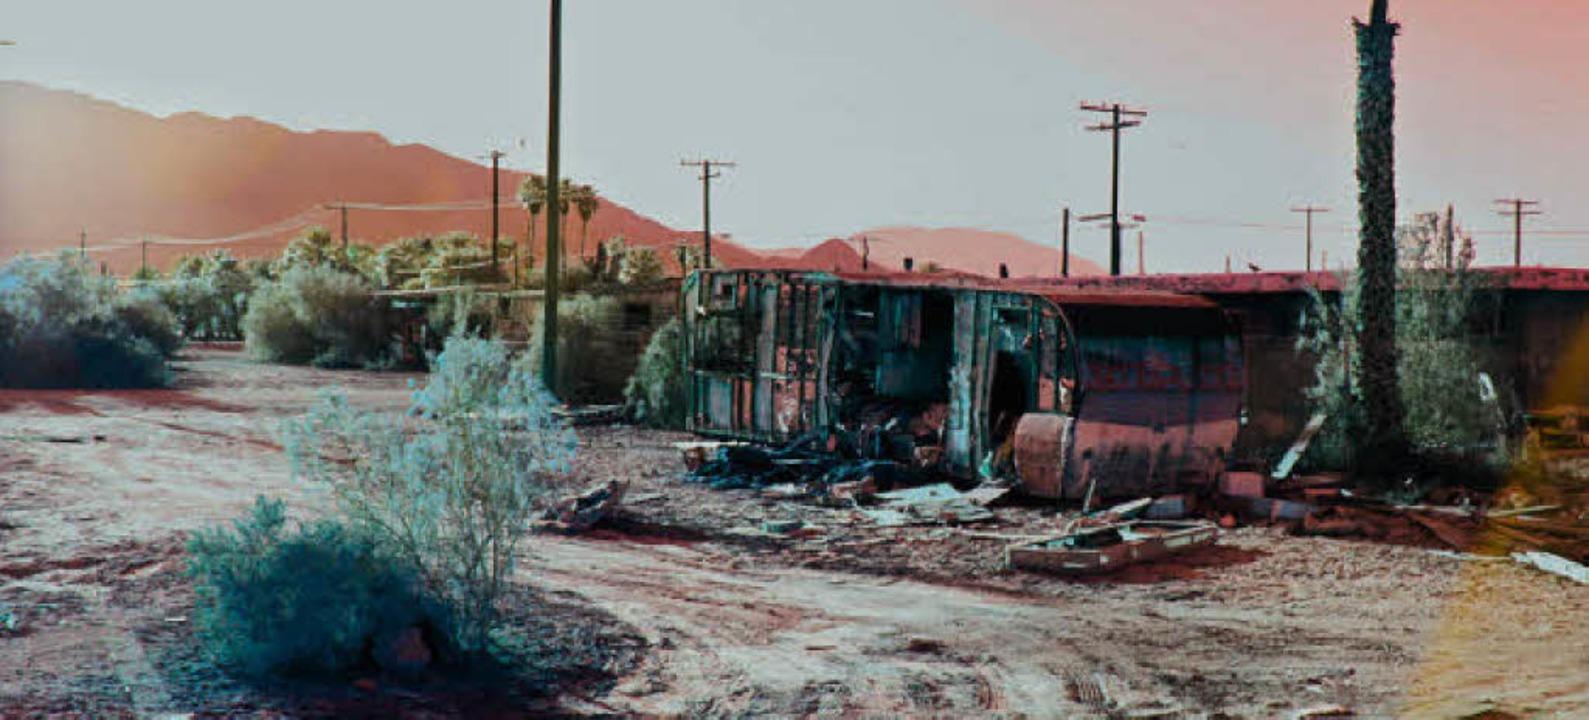 Zeugen des Untergangs menschlicher Ziv...tion: verfallene Häuser in Salton City